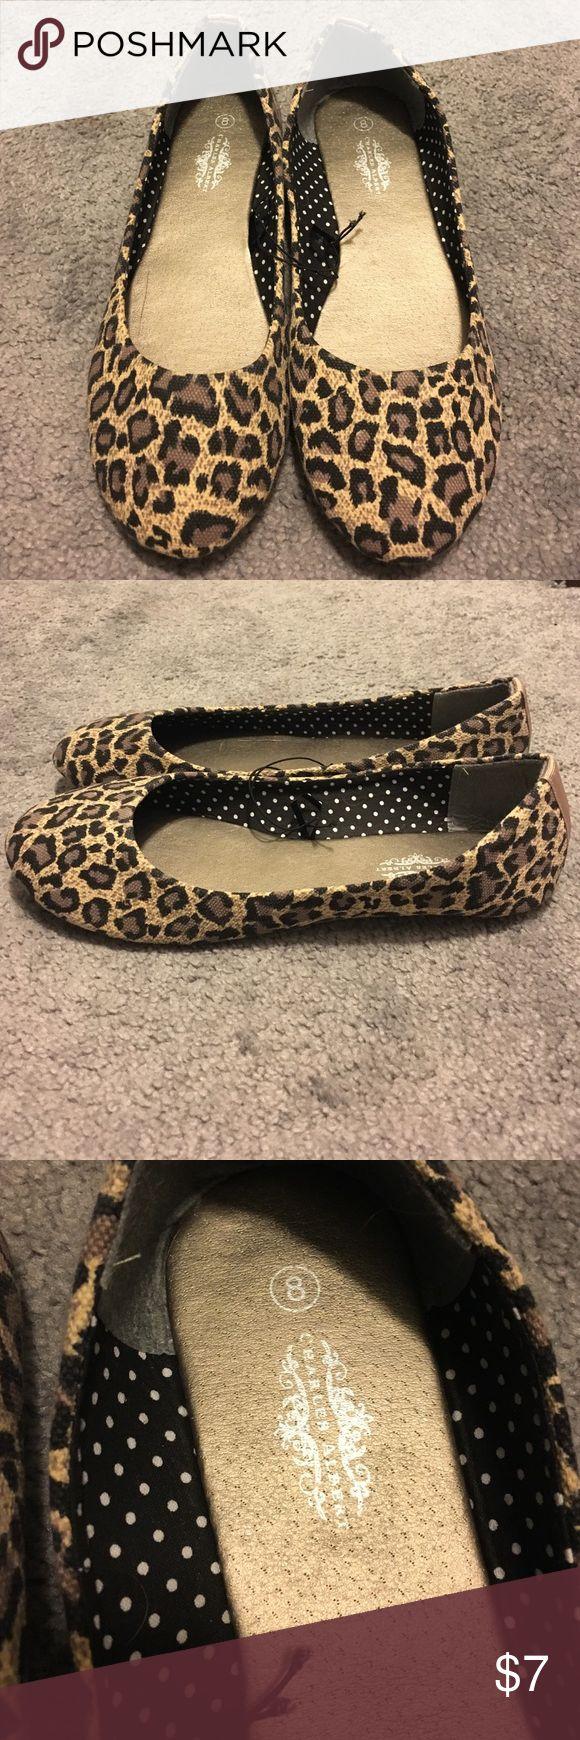 Leopard ballet flats Leopard print ballet flats. Never worn. Size 8 Charles Albert Shoes Flats & Loafers